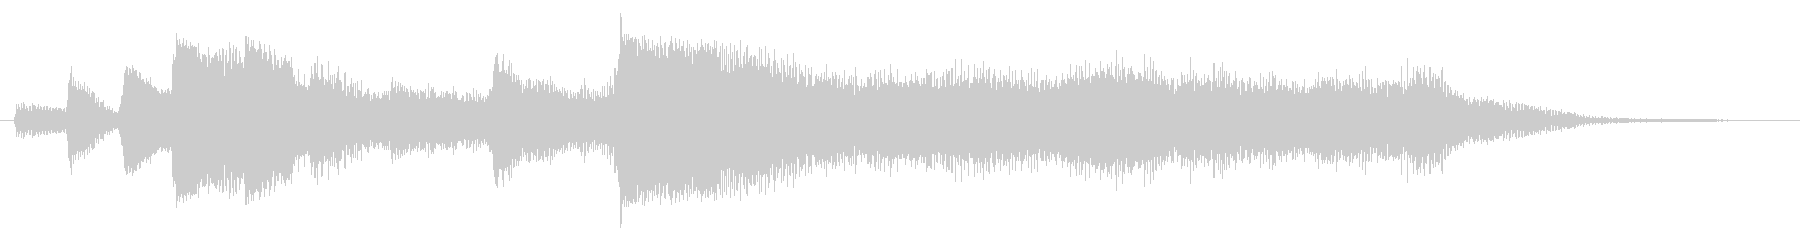 ハープとストリングスのジングル4の未再生の波形